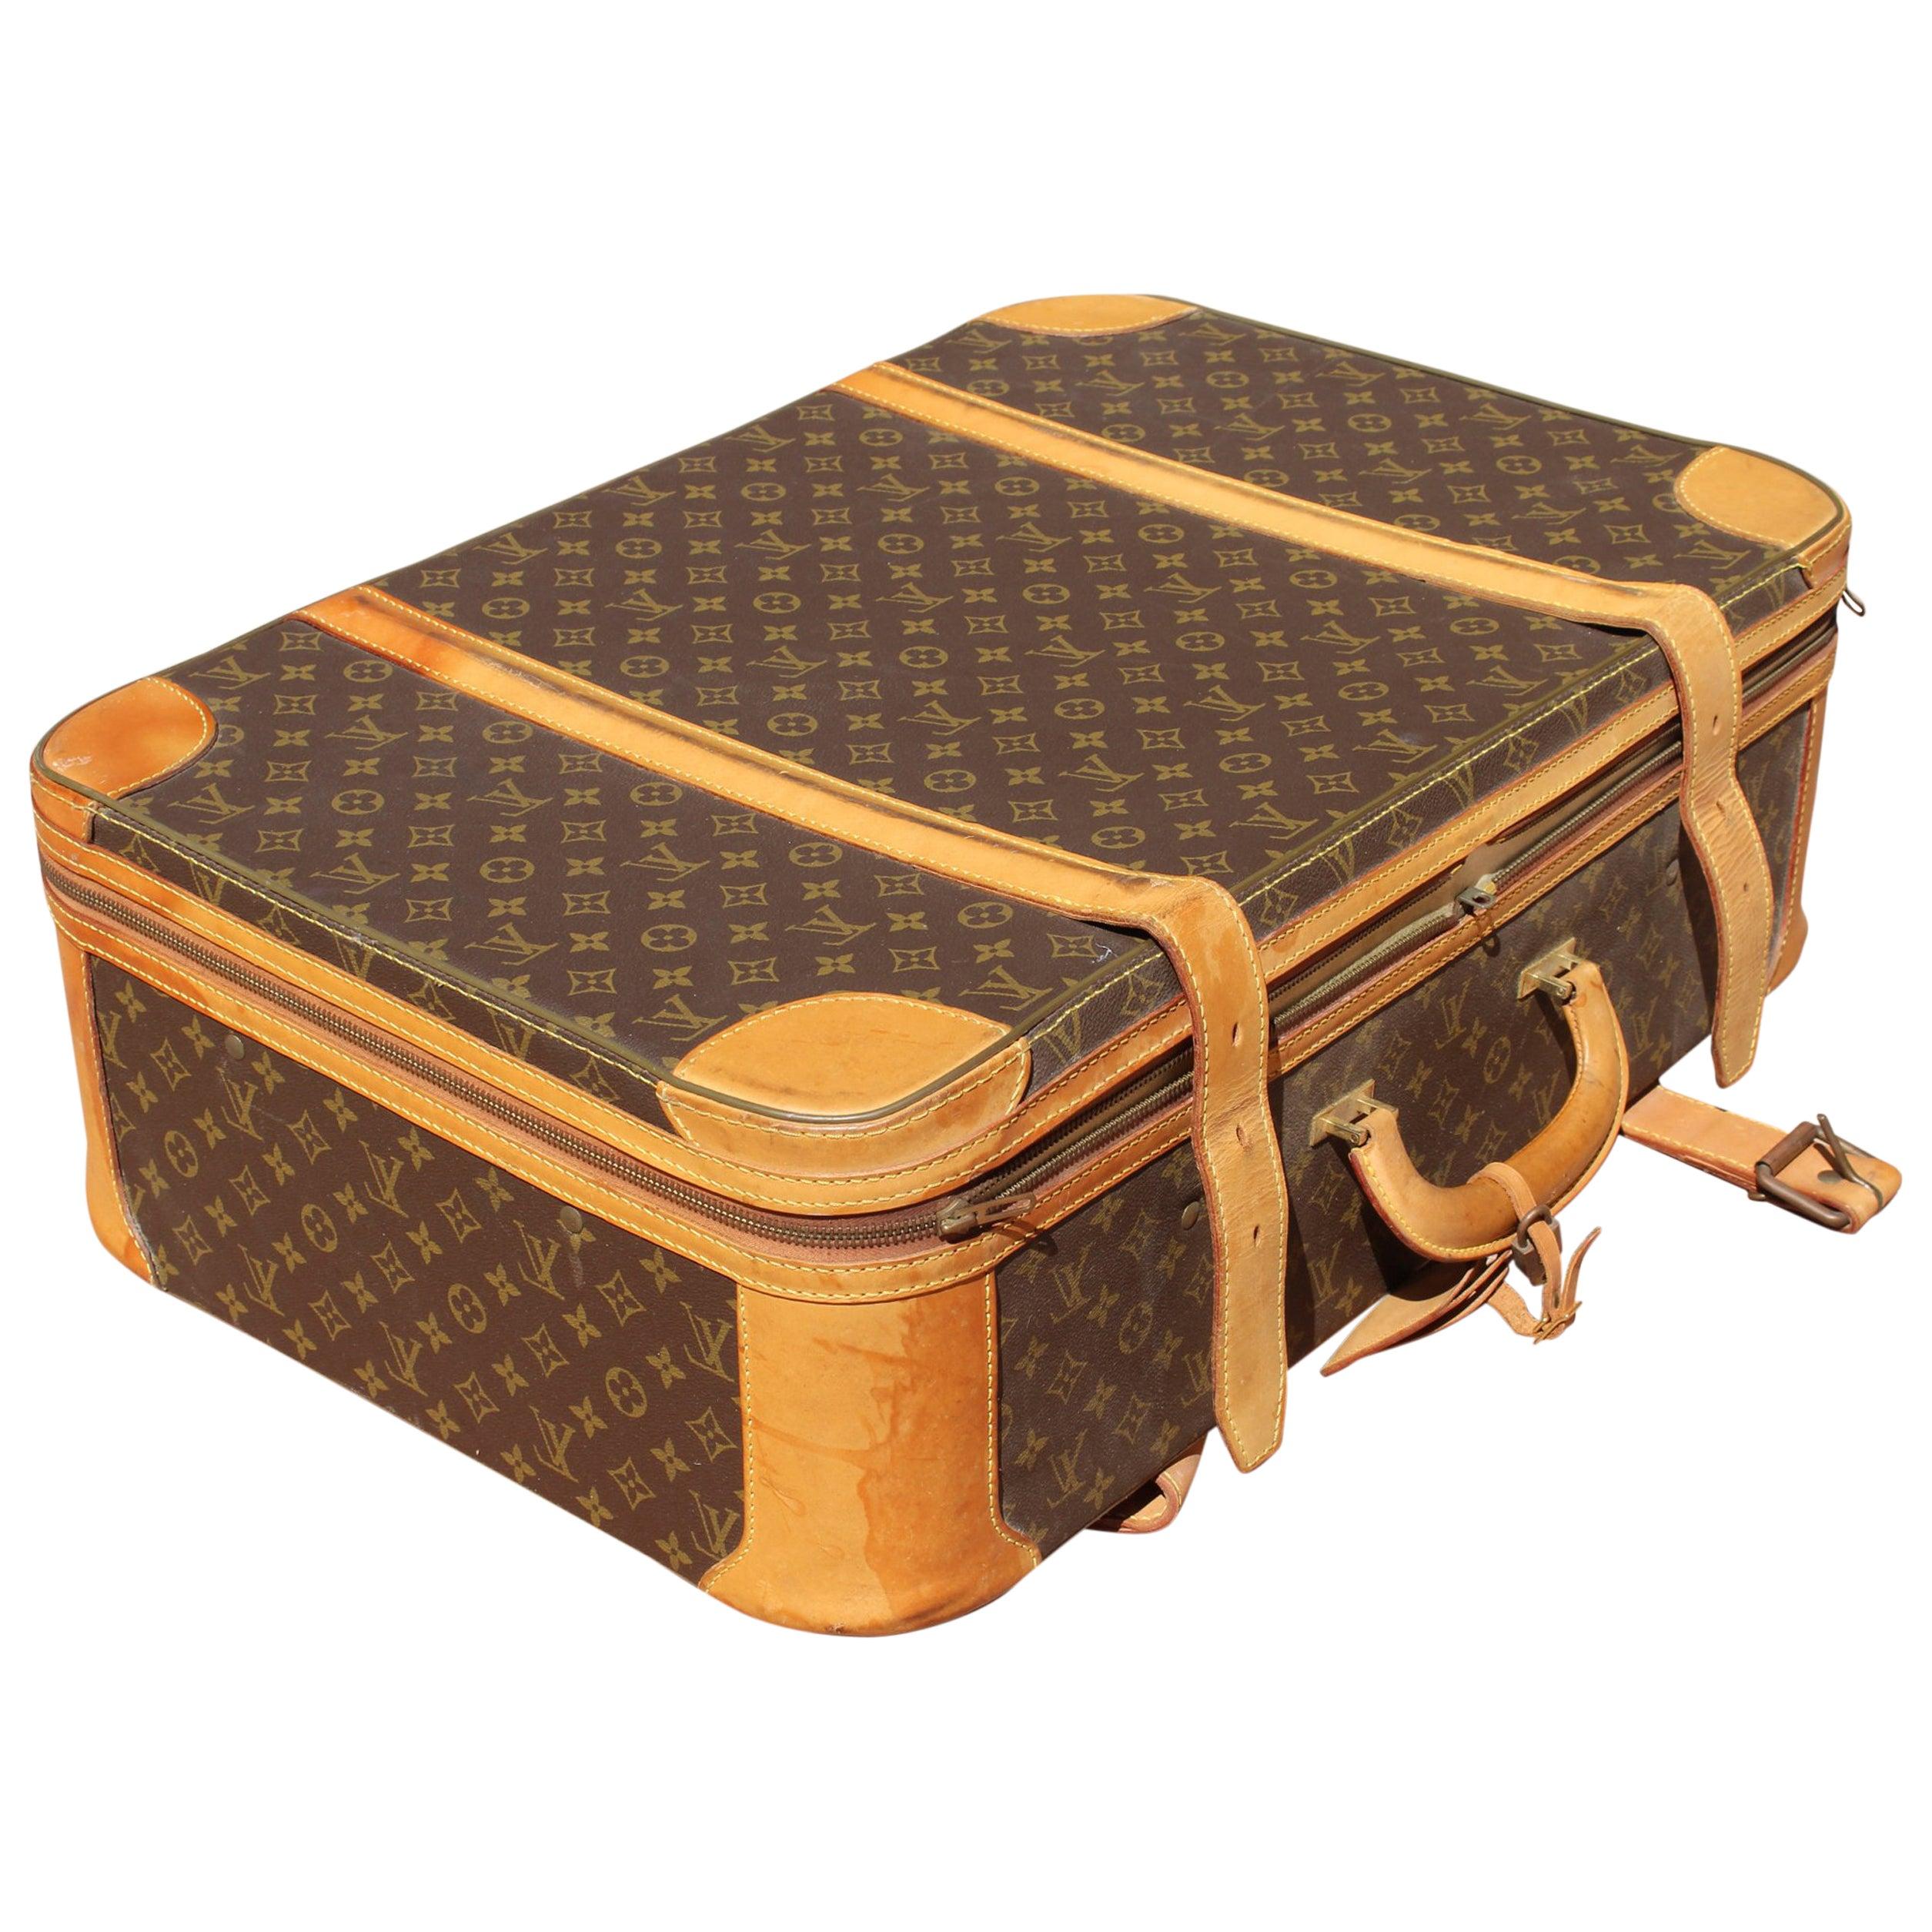 1980s Vintage Louis Vuitton Suitcase